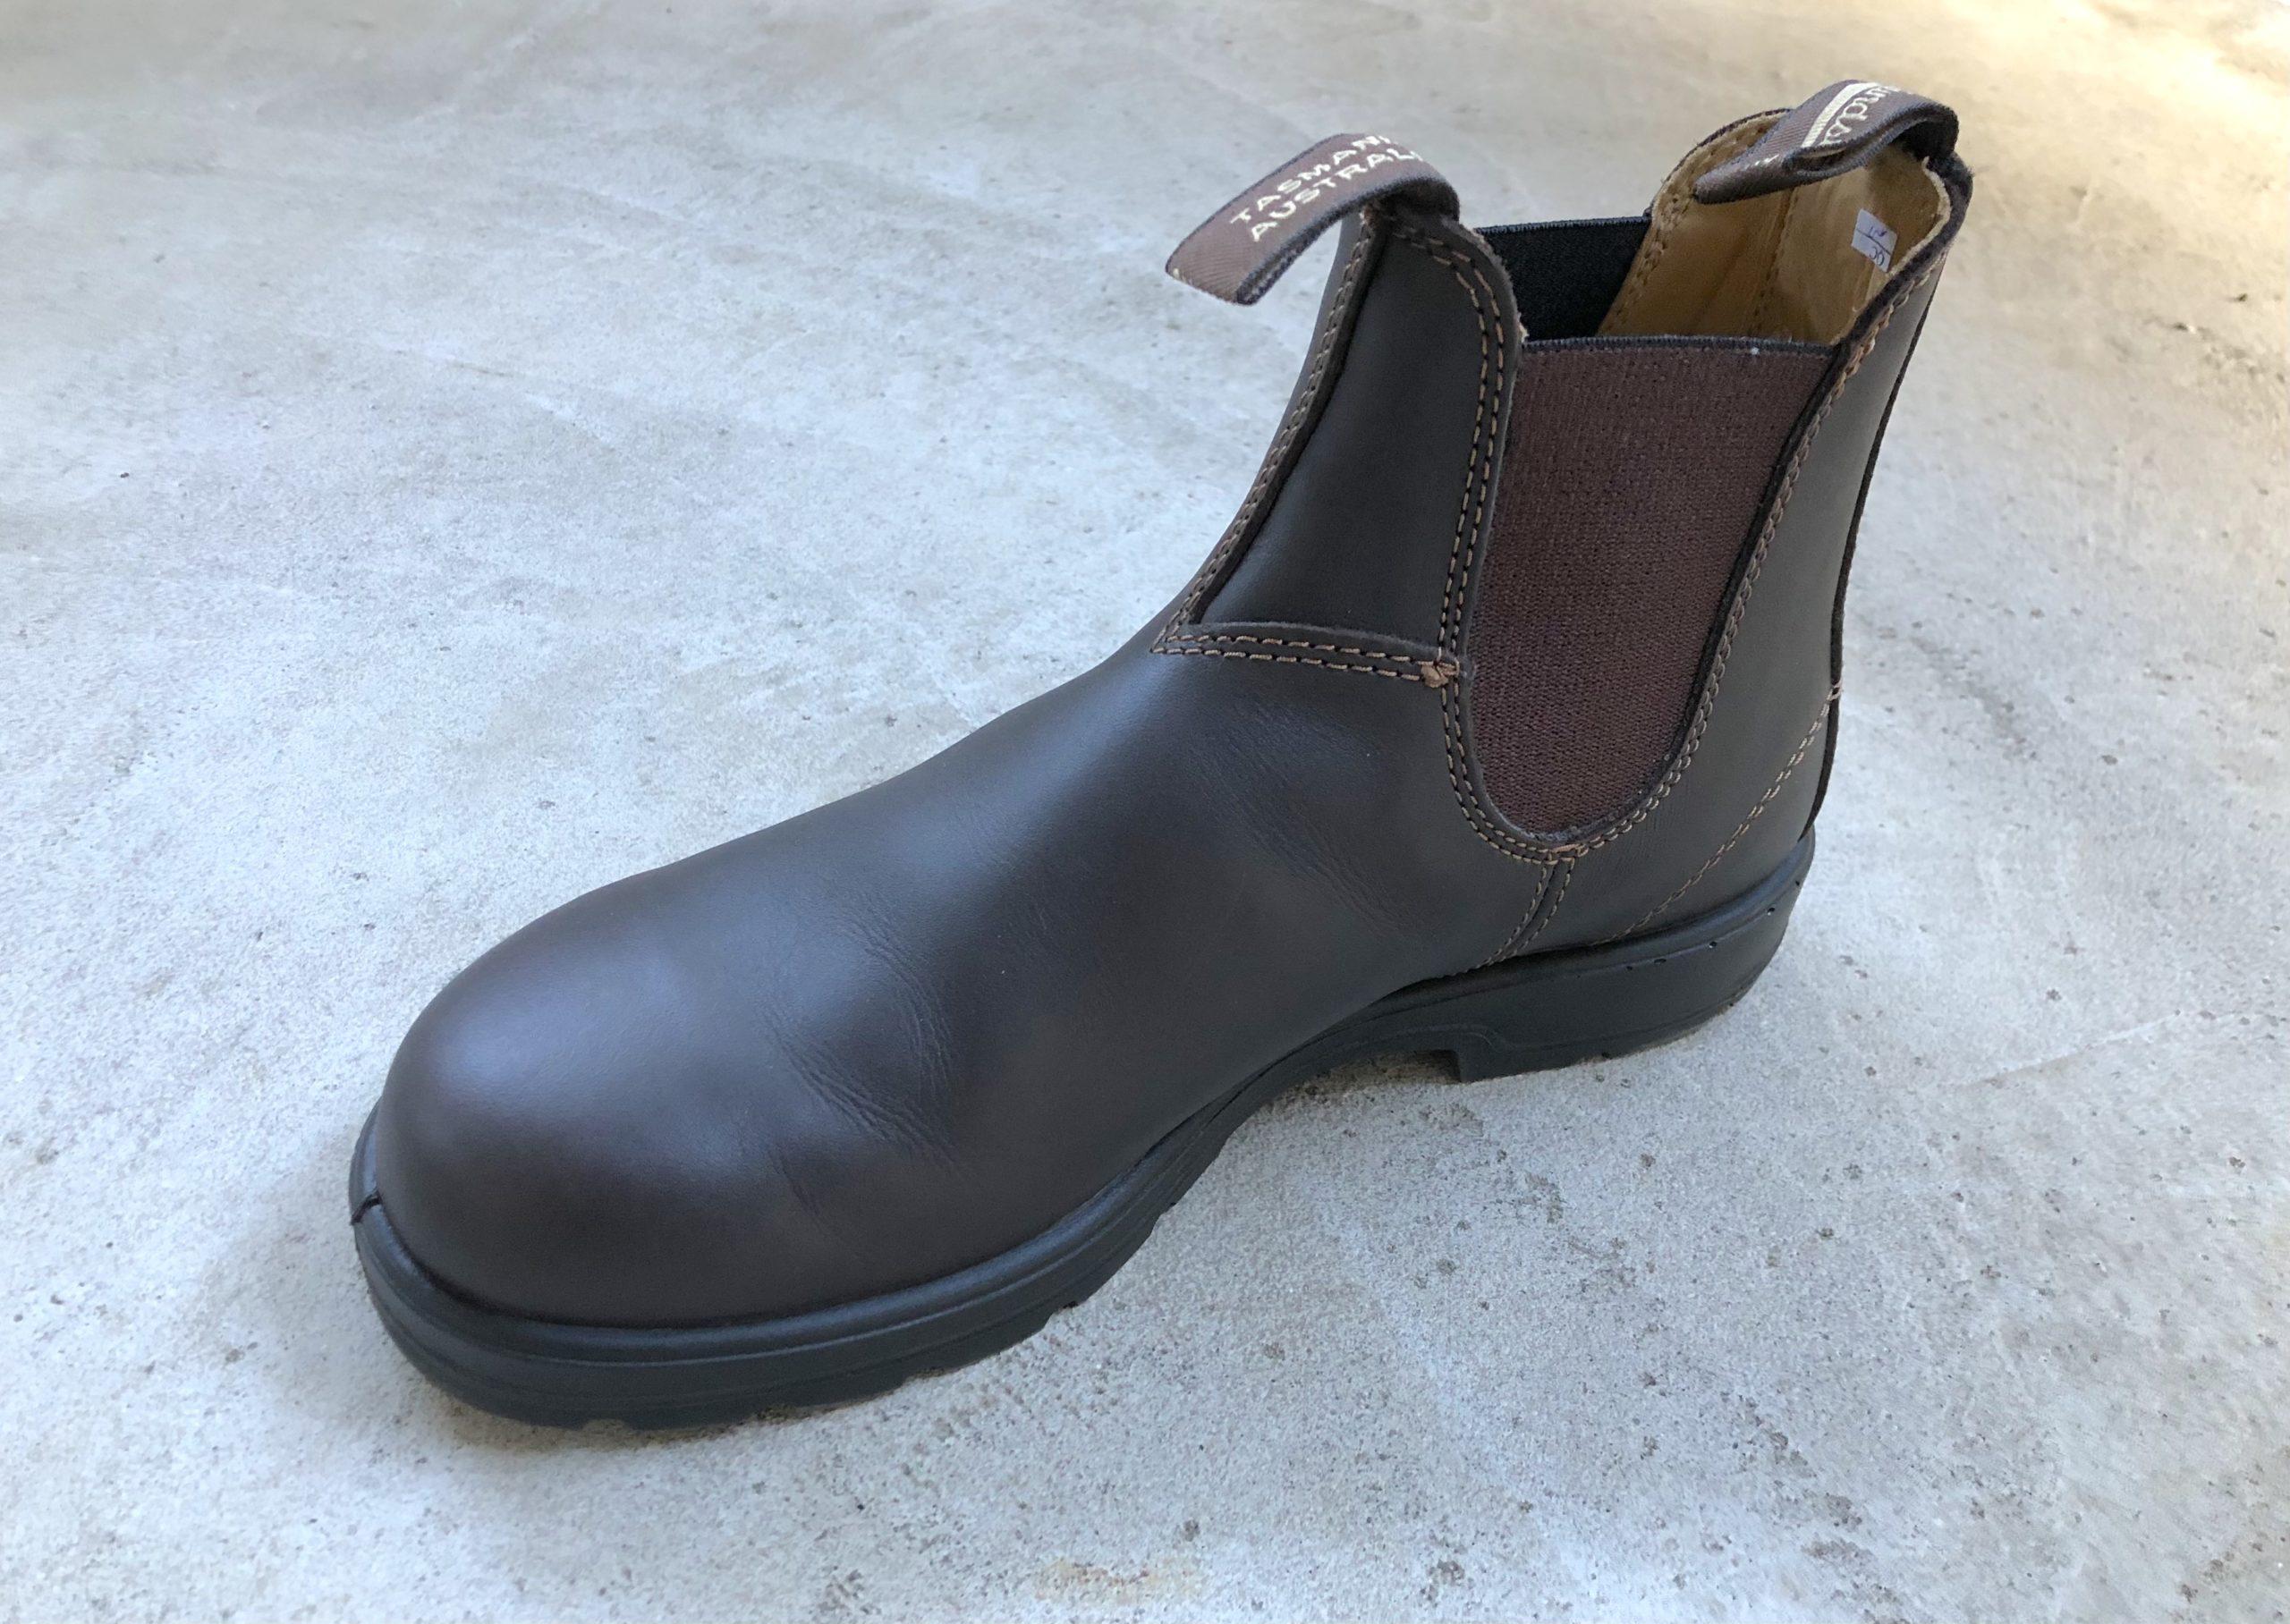 ブランドストーンのブーツのサイズ感・サイズ選びのコツ